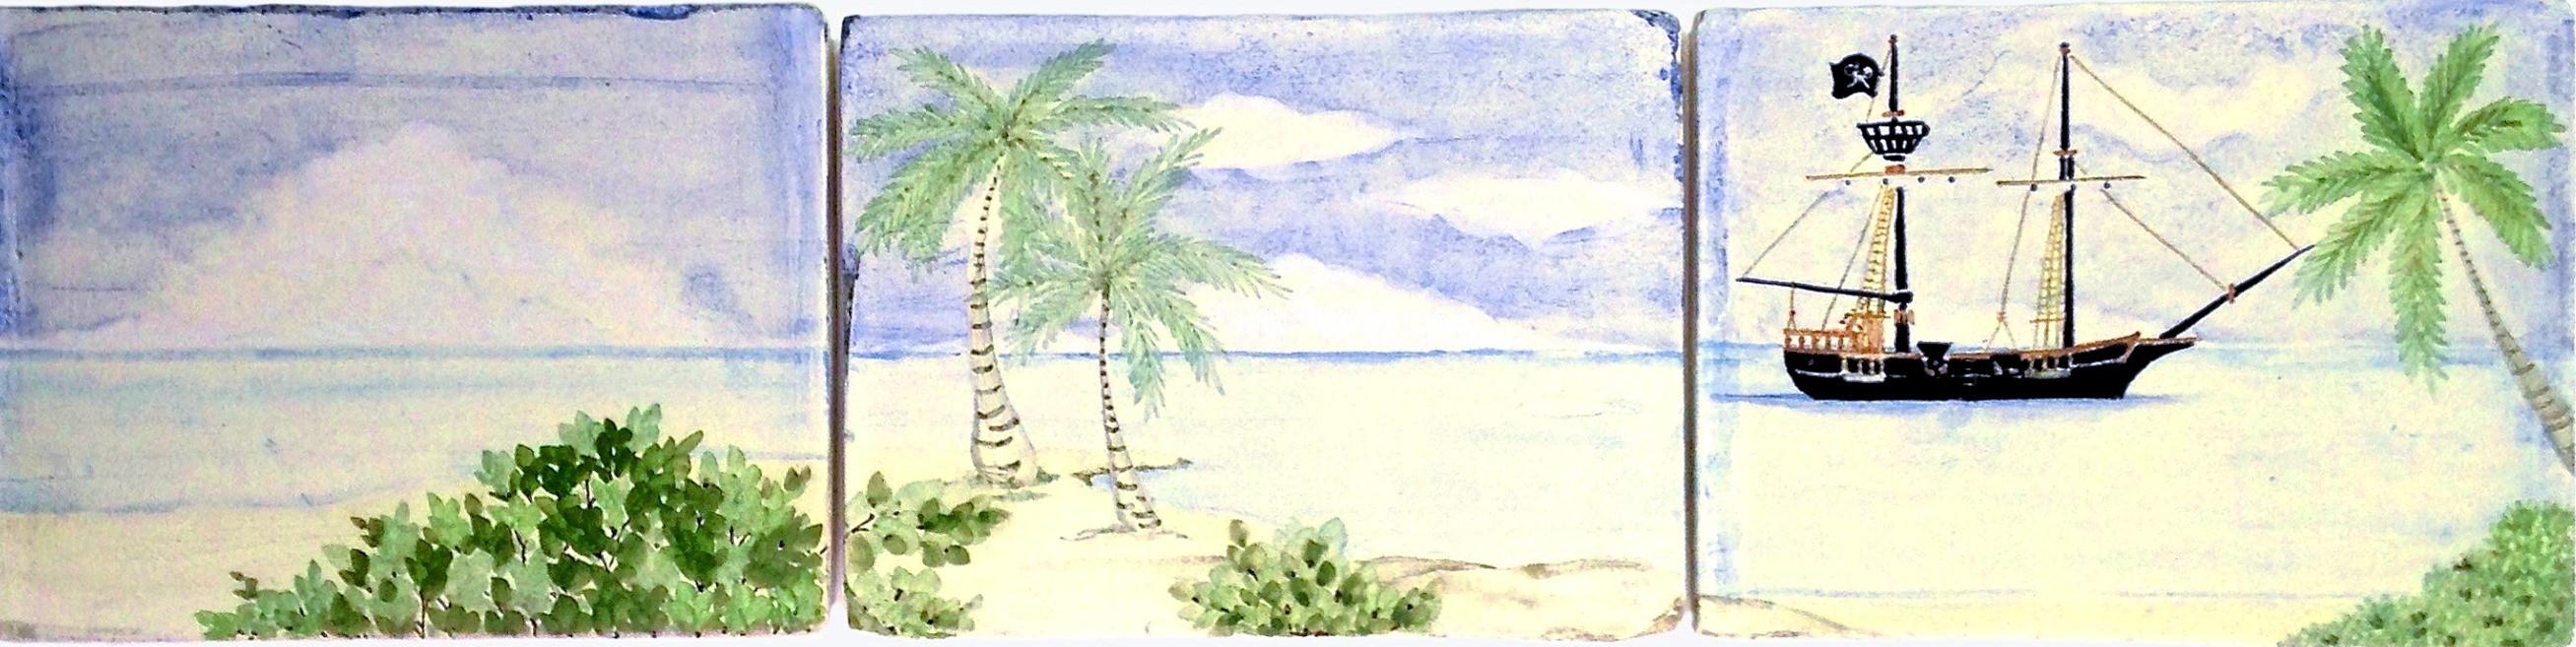 BATH SINK SURROUND, 3 of 12 tiles , Virgin Islands